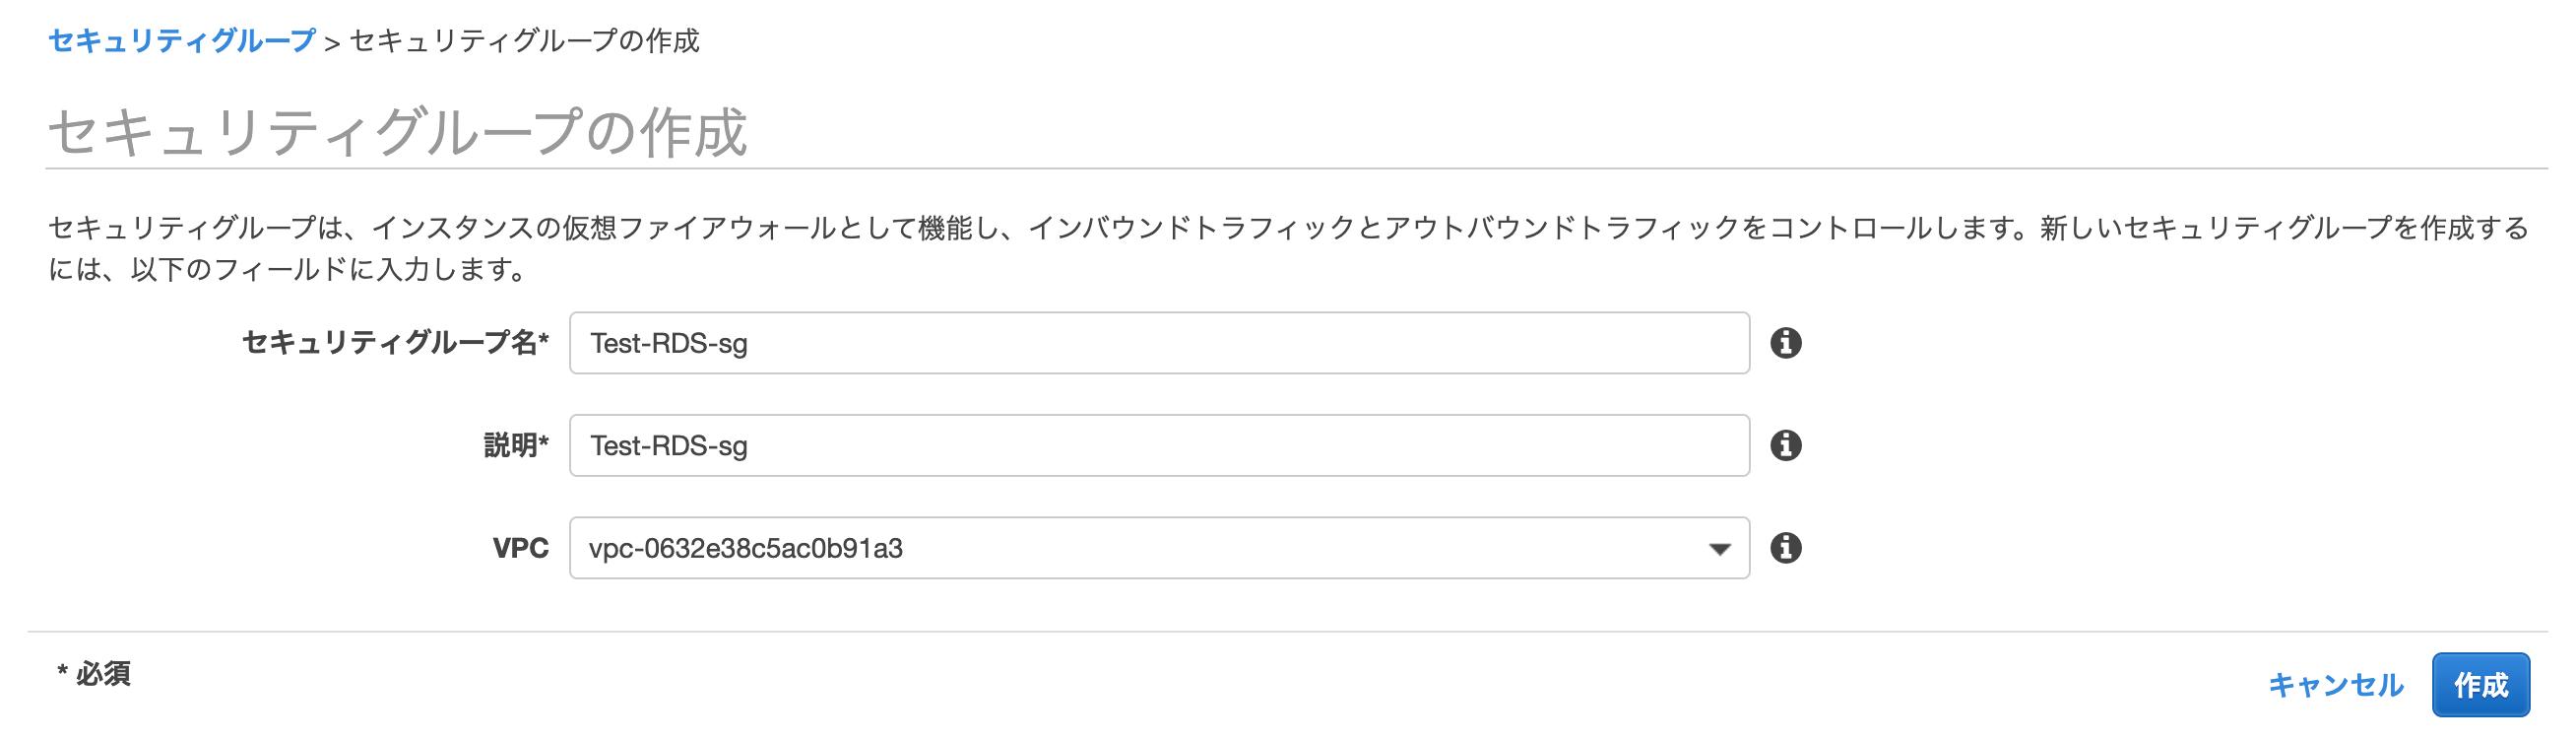 スクリーンショット 2020-03-21 12.45.41.png